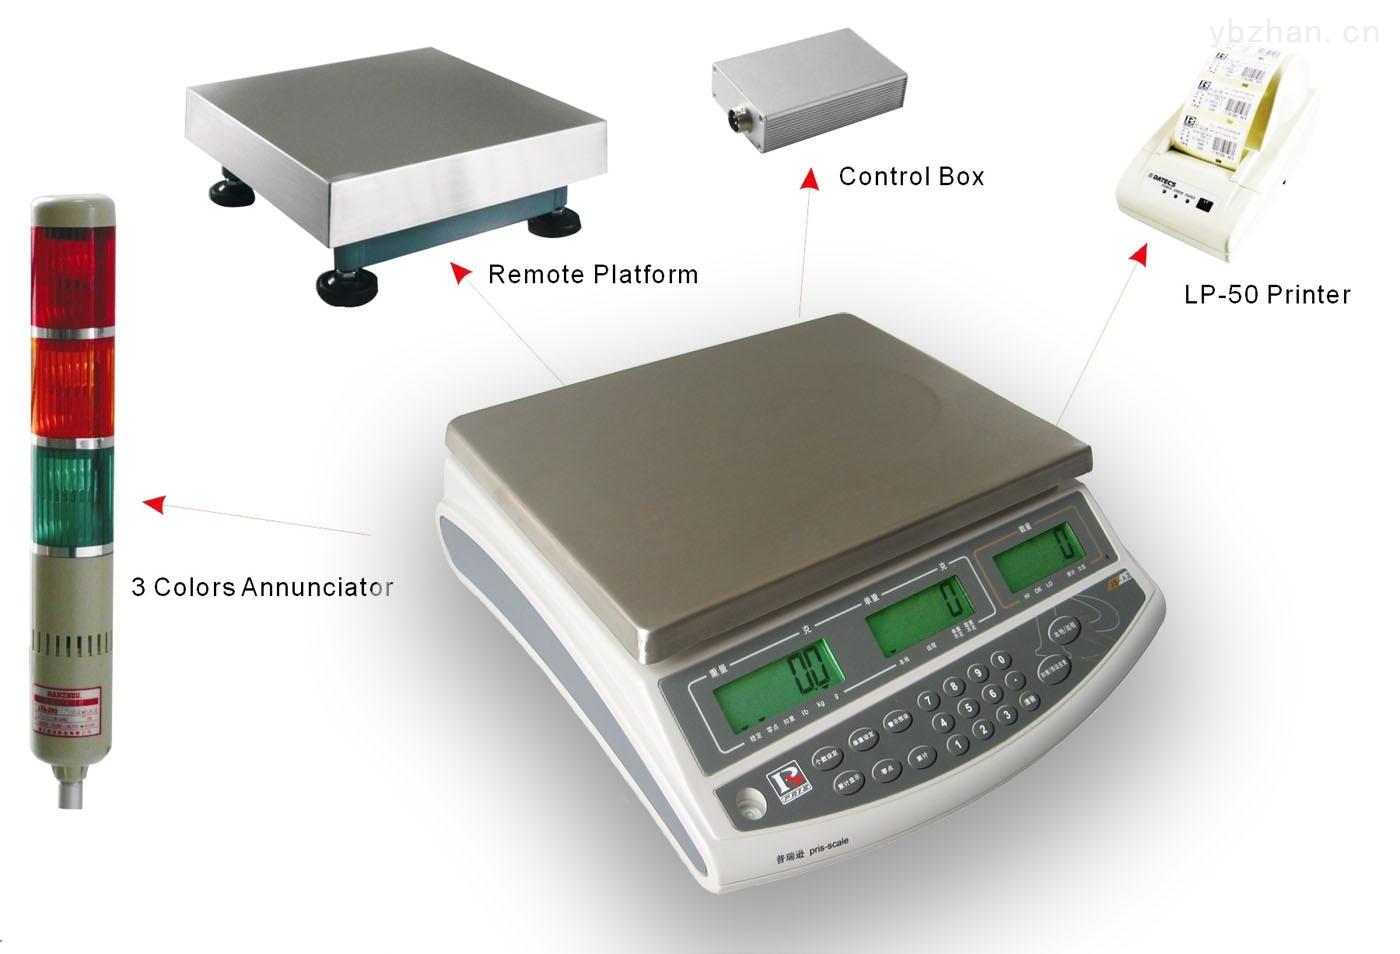 金山60公斤垃圾分类管理称重功能秤系统报价